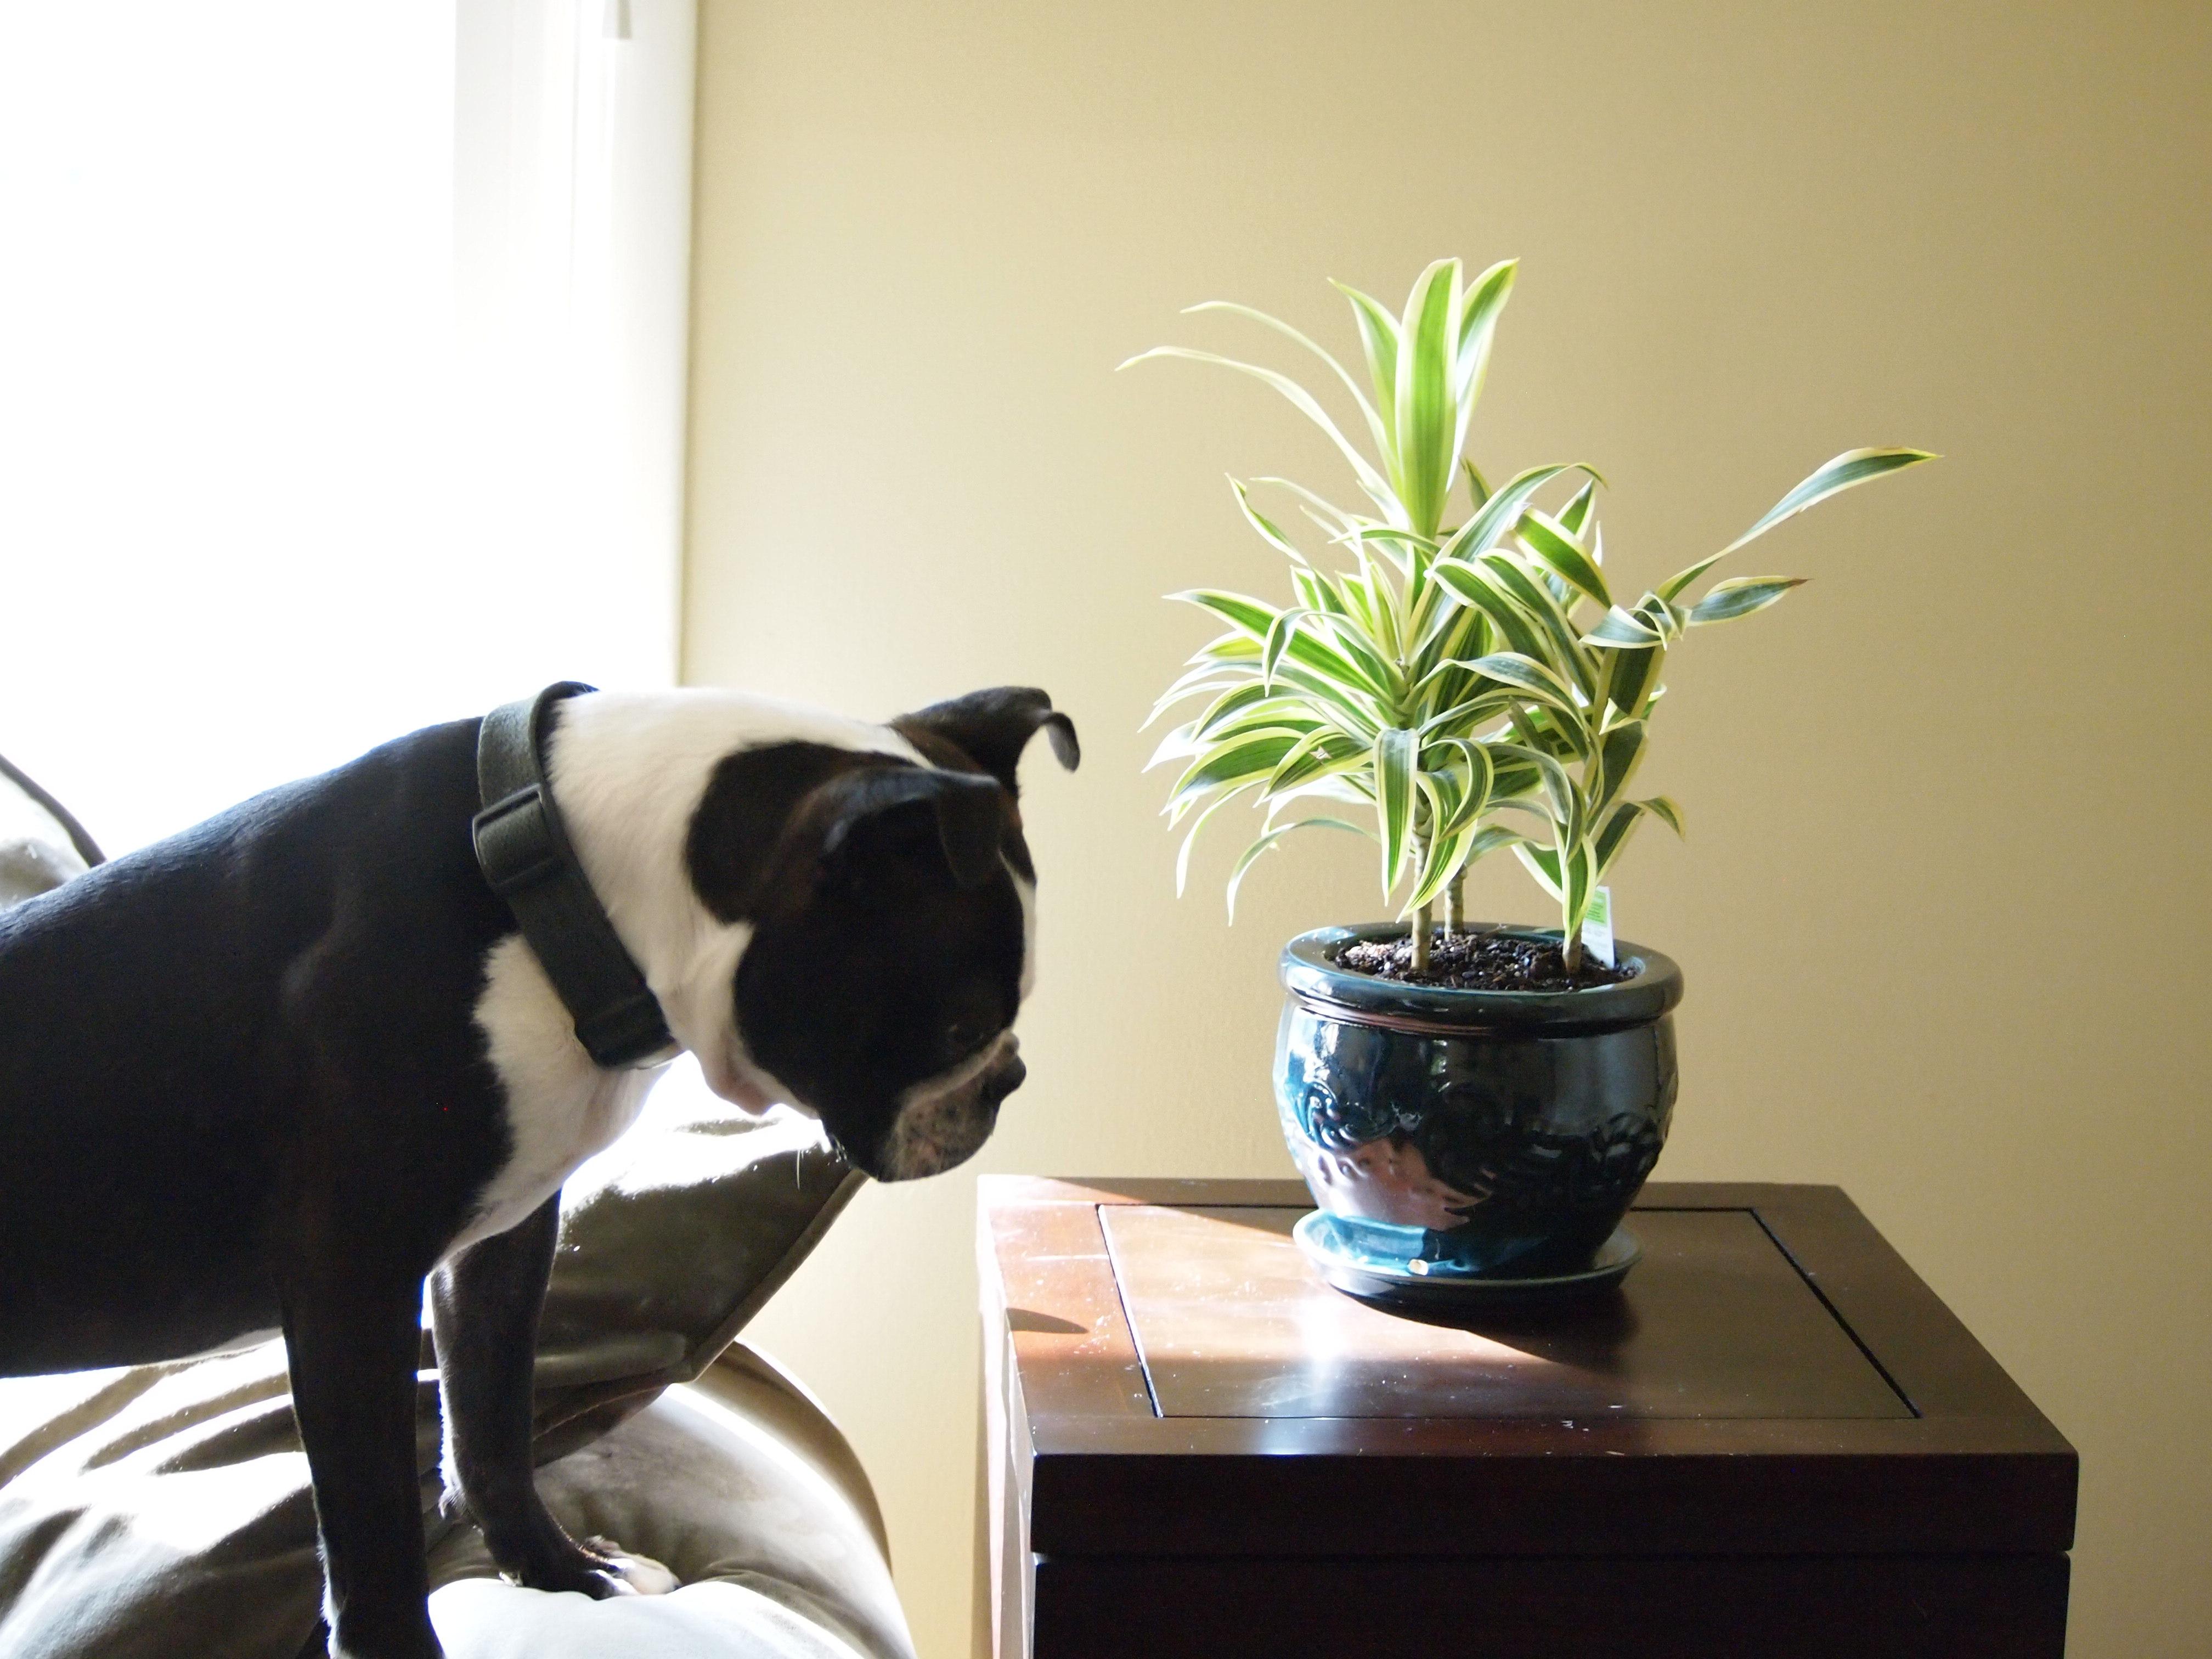 Evcil hayvanlara alerjisi olanlara güzel haber